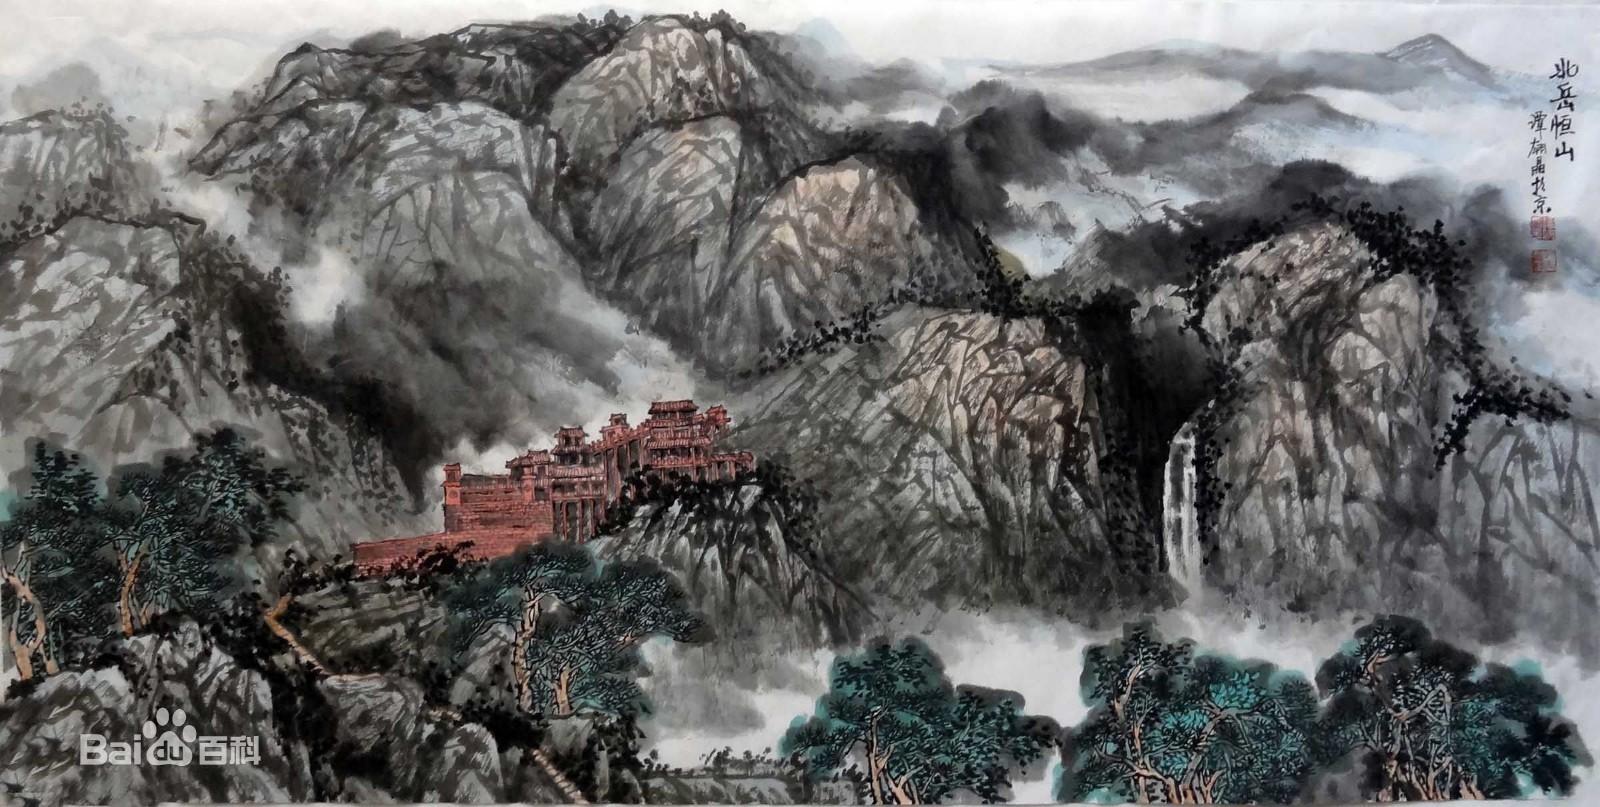 国画看风景之五岳——泰山,华山,衡山,恒山,嵩山